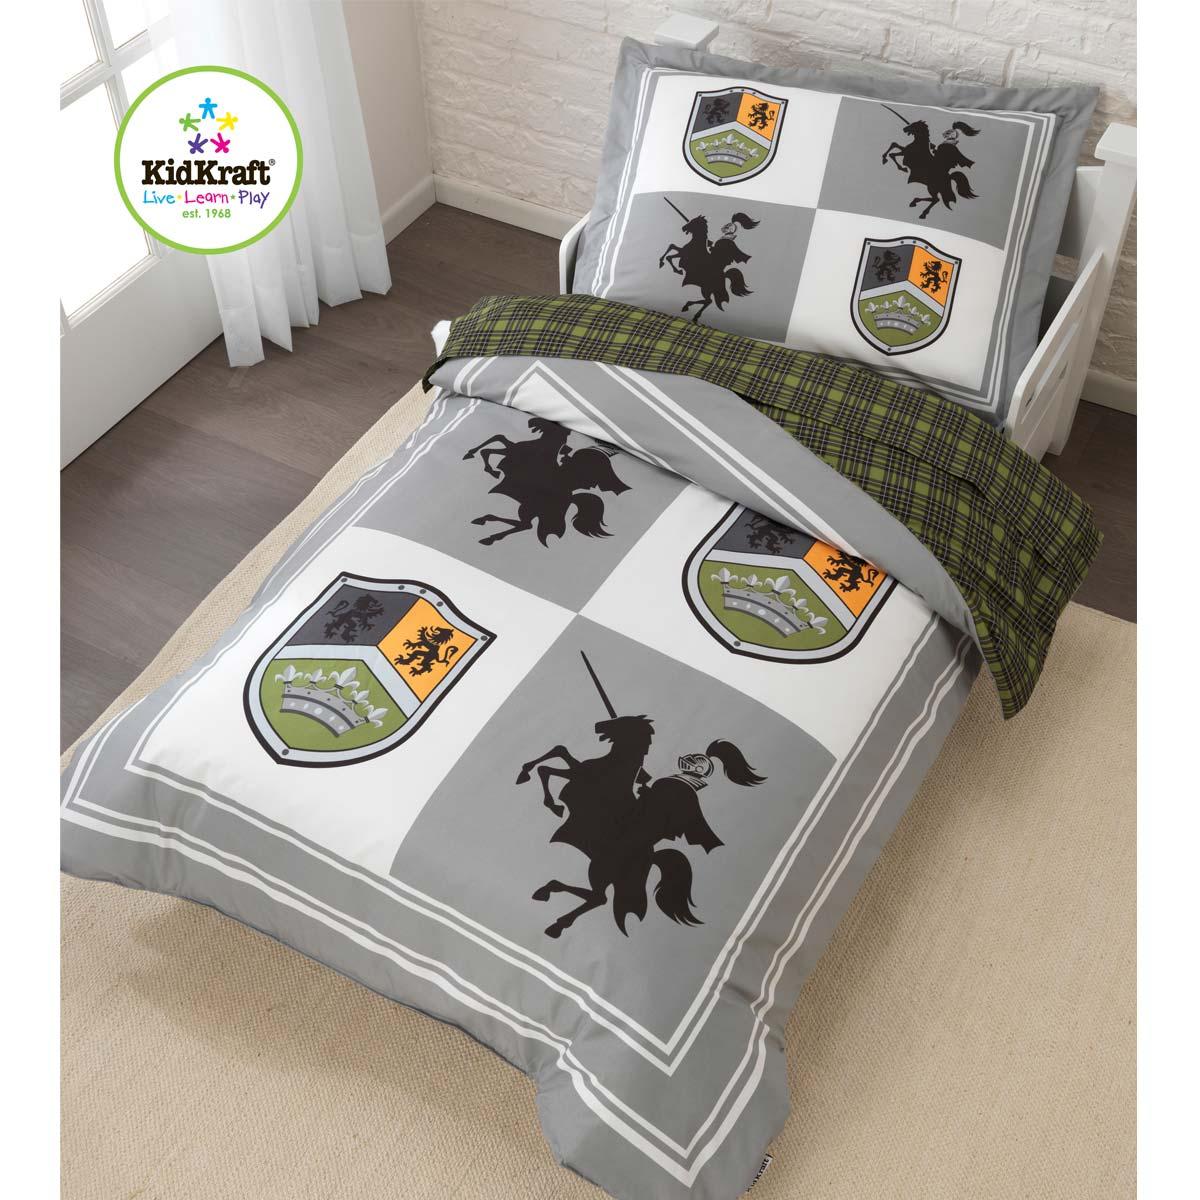 Kidkraft 77007 biancheria da letto per bambini castello - Biancheria per letto ...